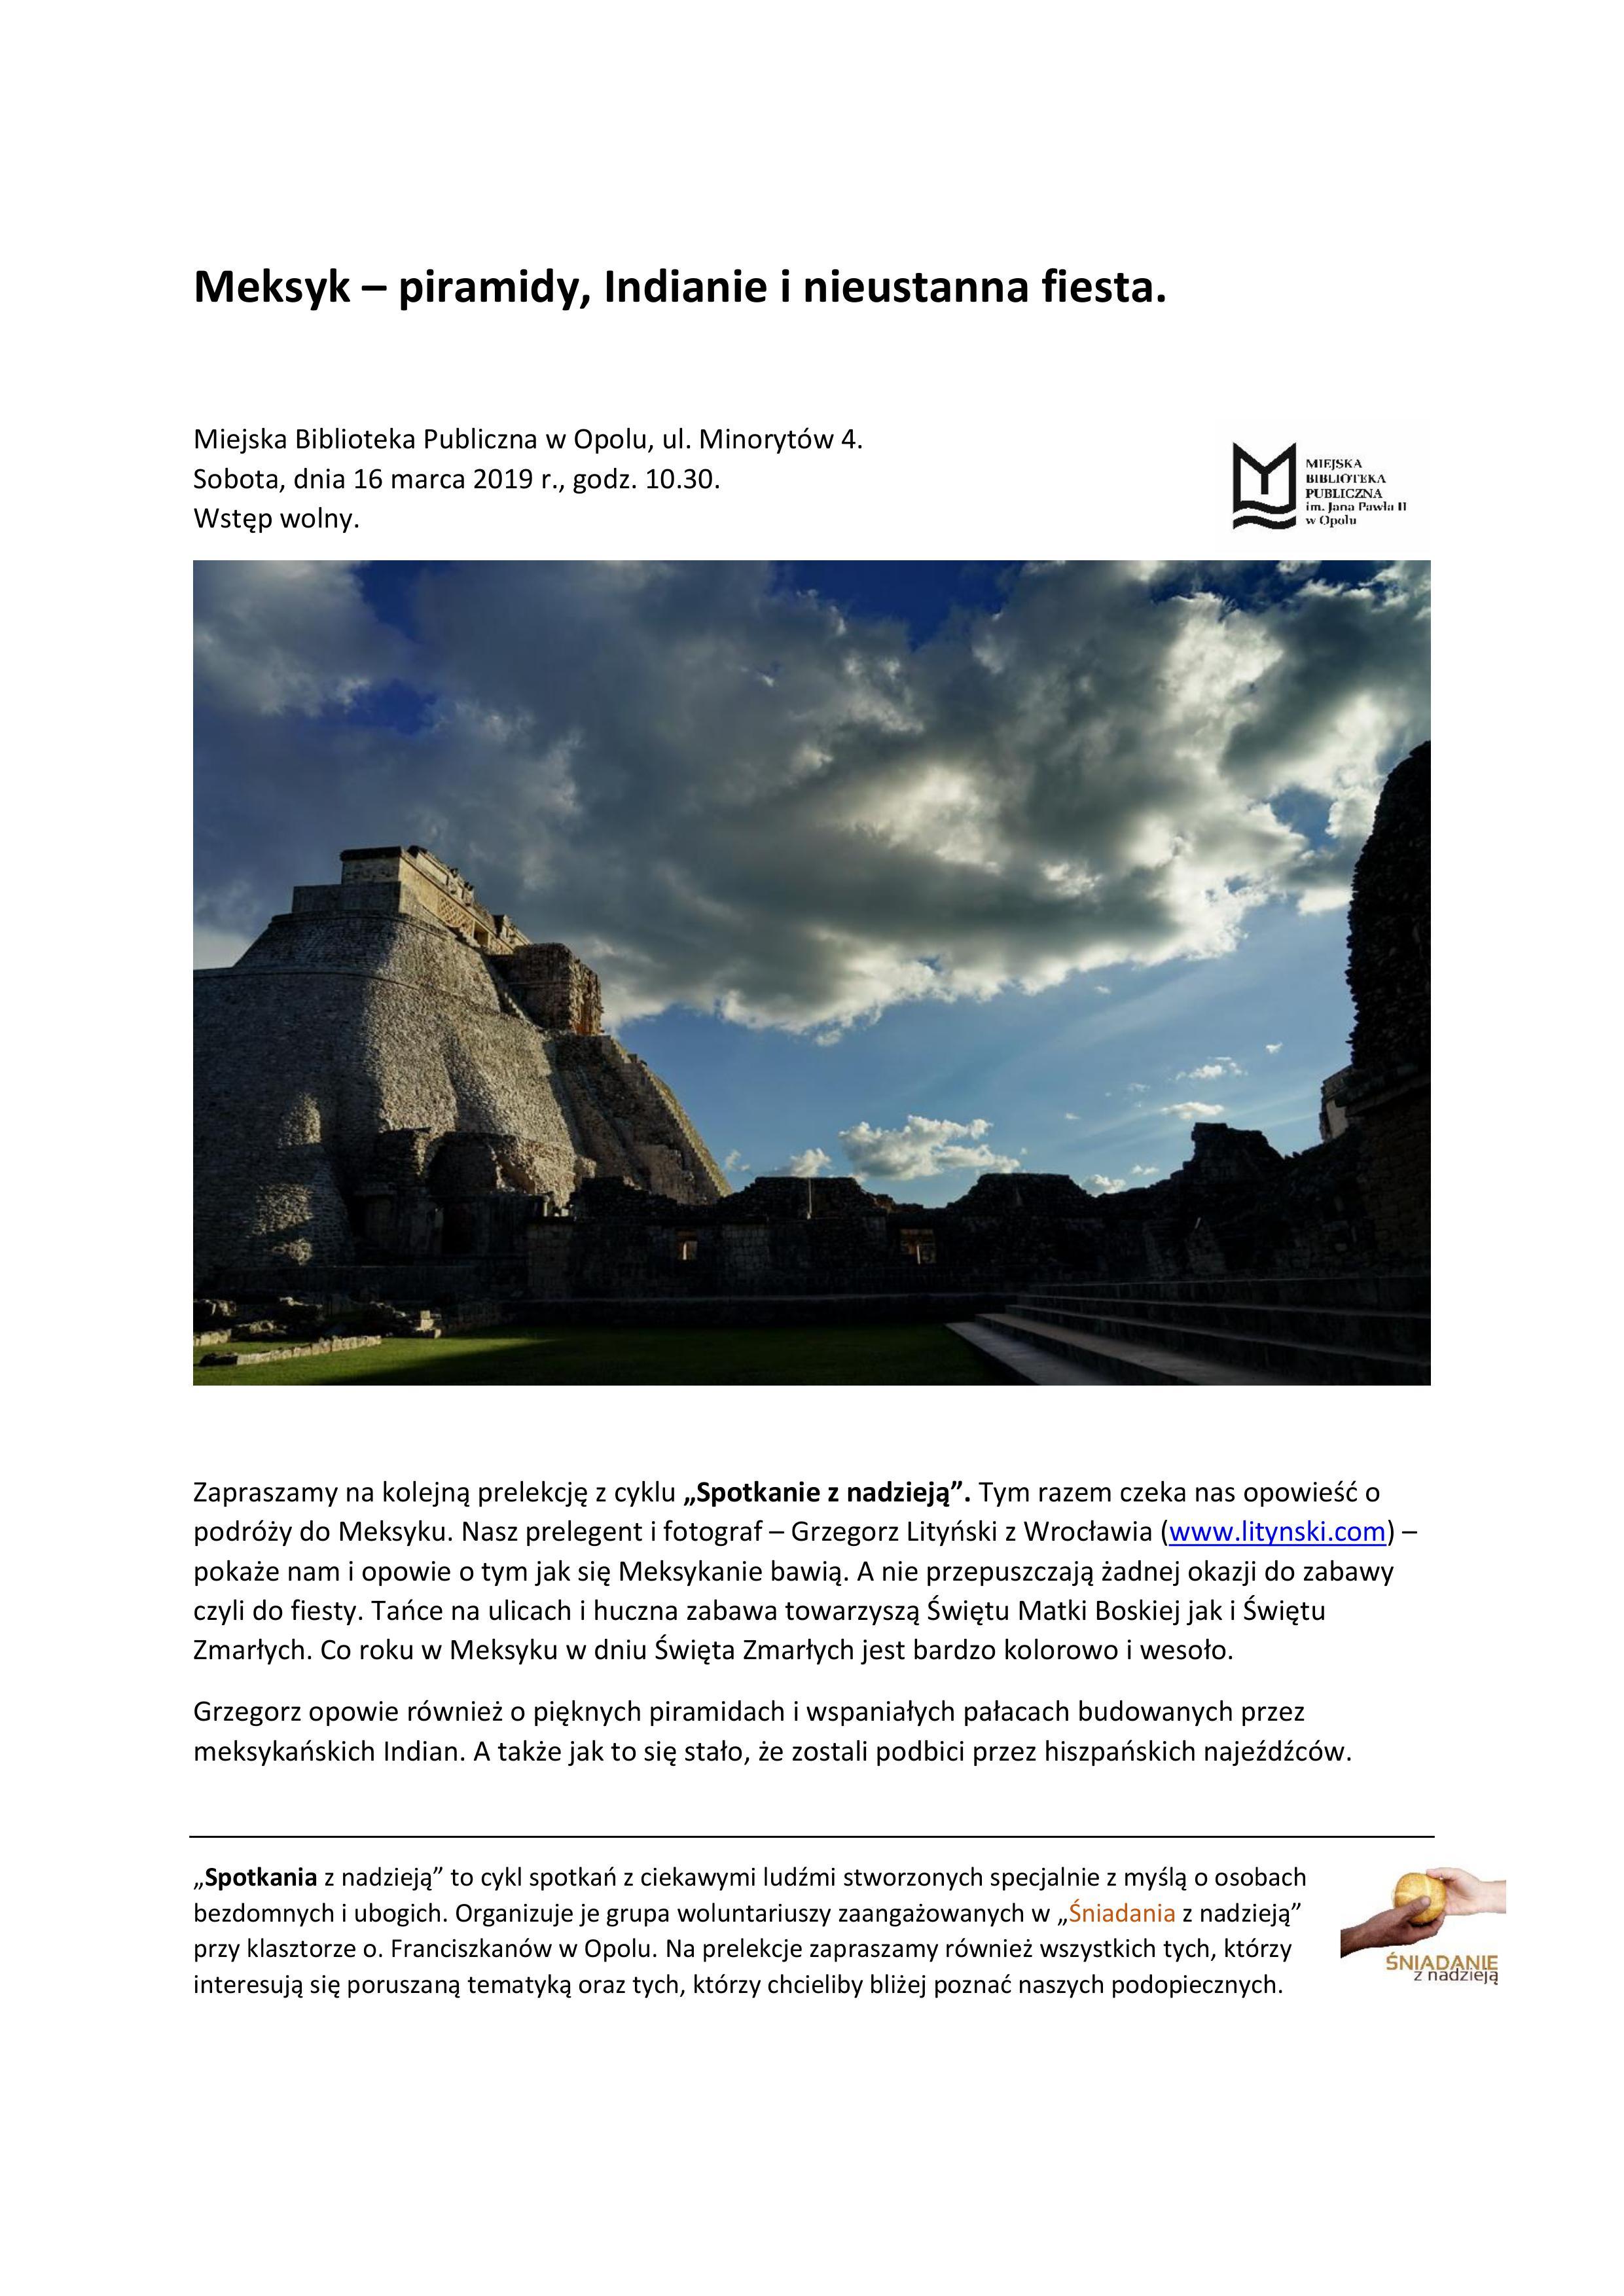 Spotkanie z nadzieją: Meksyk - piramidy, Indianie i nieustanna fiesta